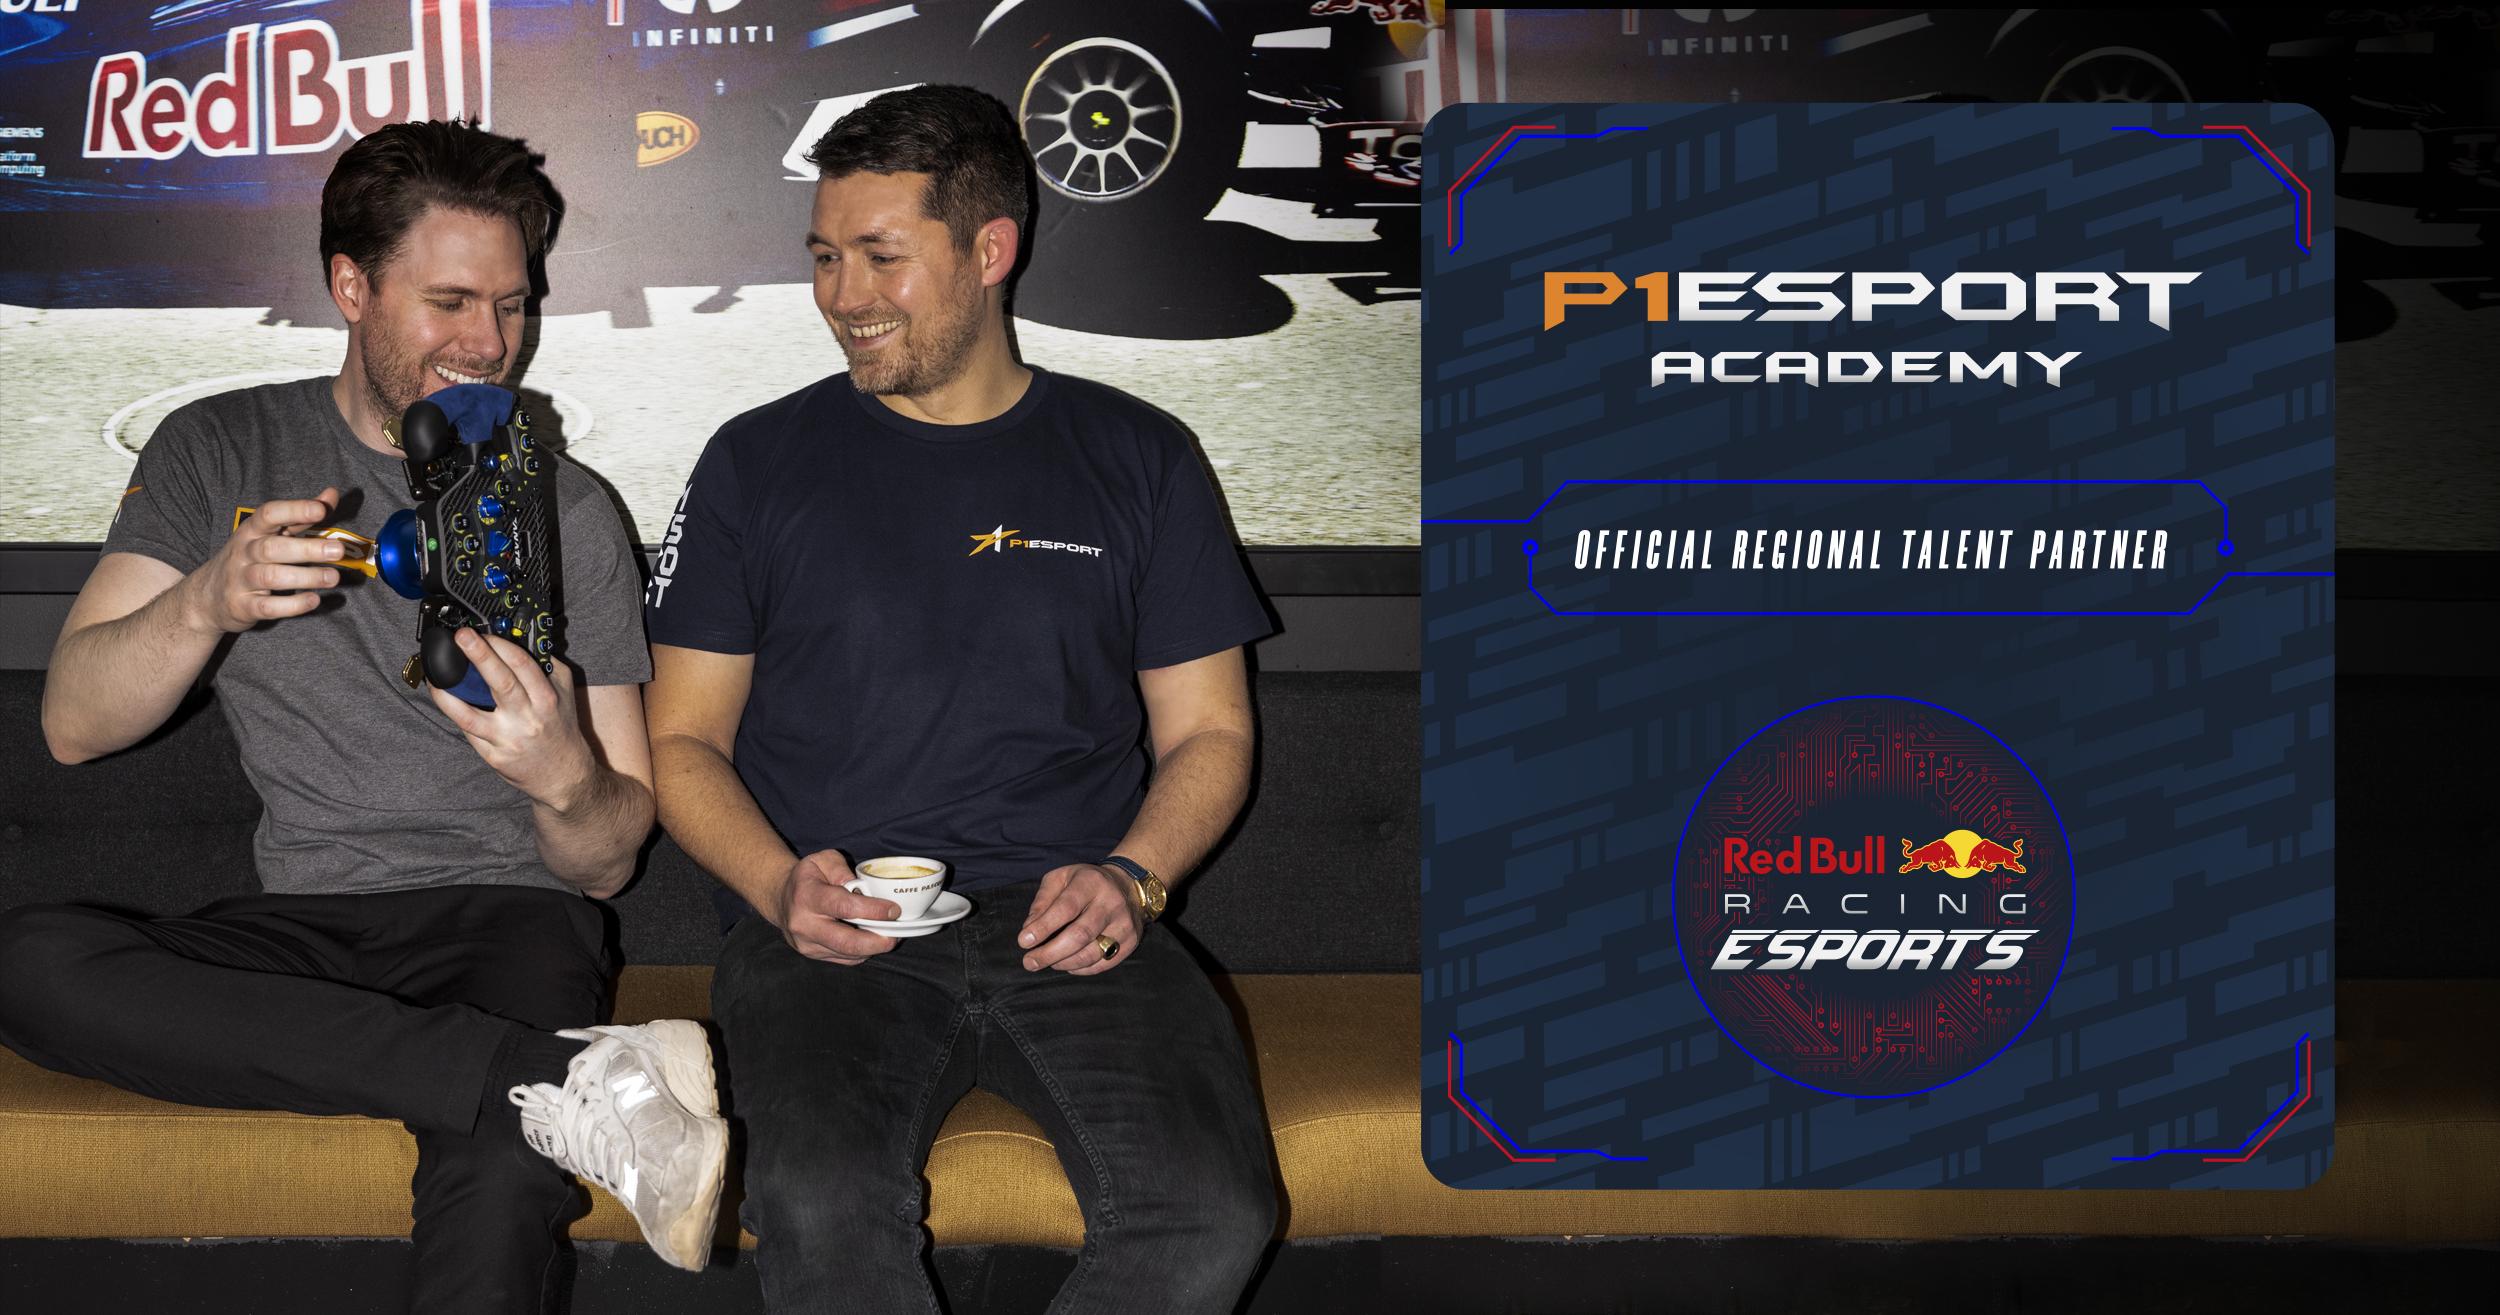 P1 Esport x Red Bull April News